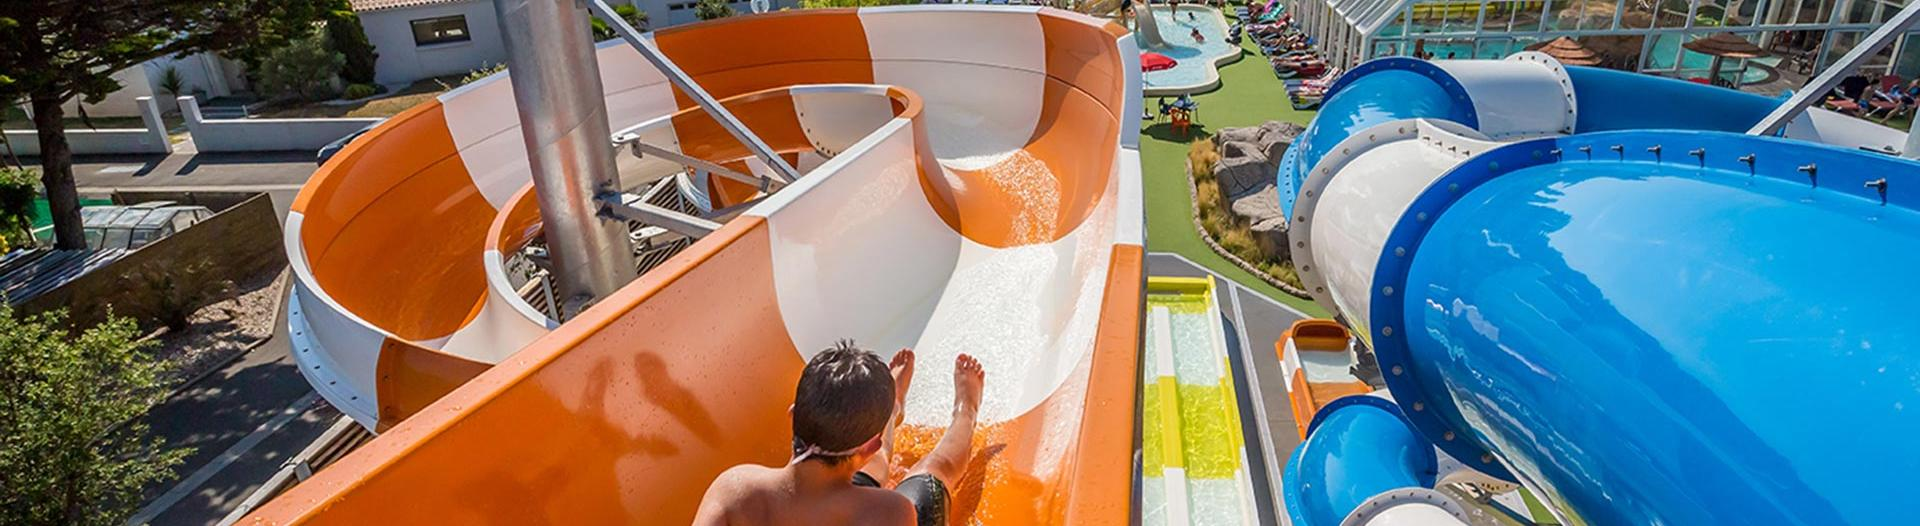 slider-camping-les-pirons-parc-aquatique-2019